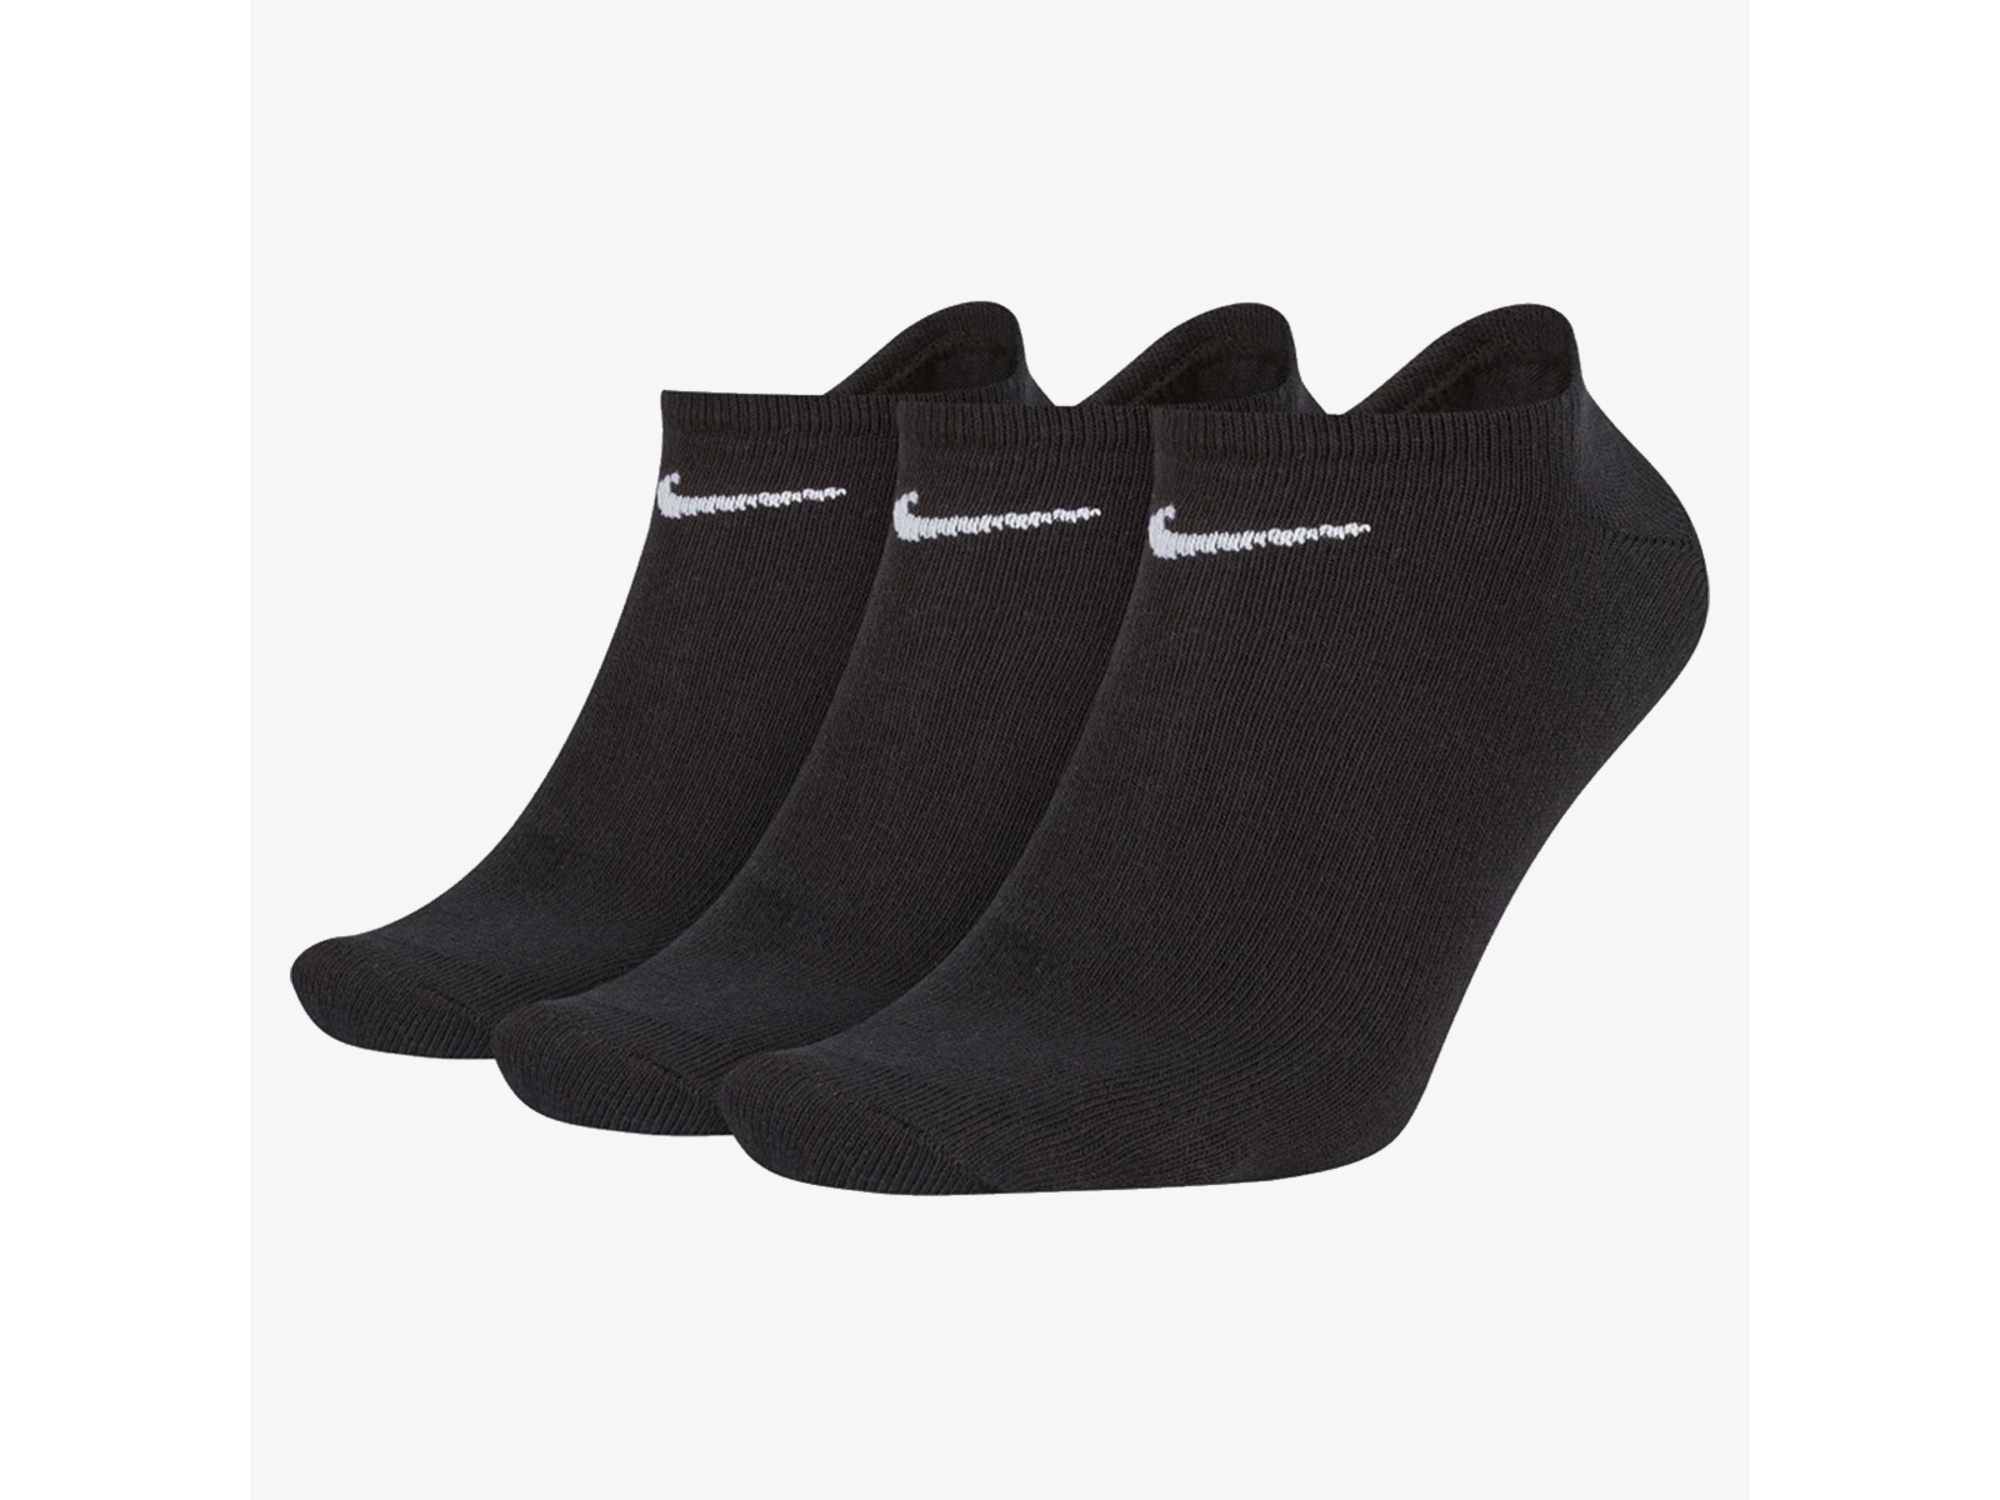 Nike Muške čarape 3PPK Value No Show SX2554-001